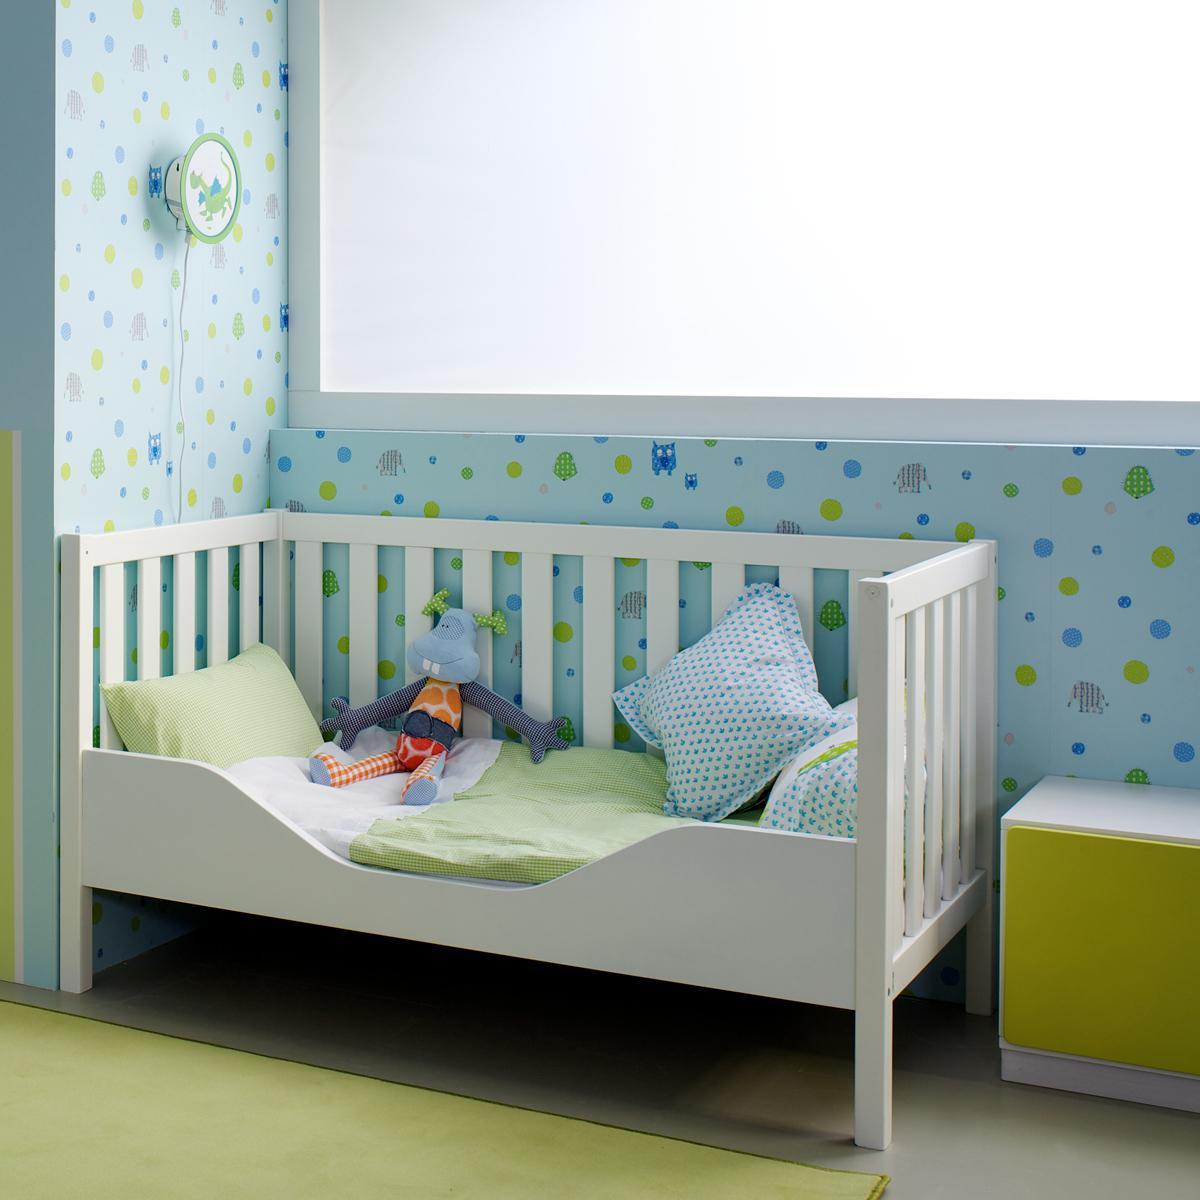 Austauschseite Babybett DETAIL Debreuyn Buche massiv weiß deckend lackiert